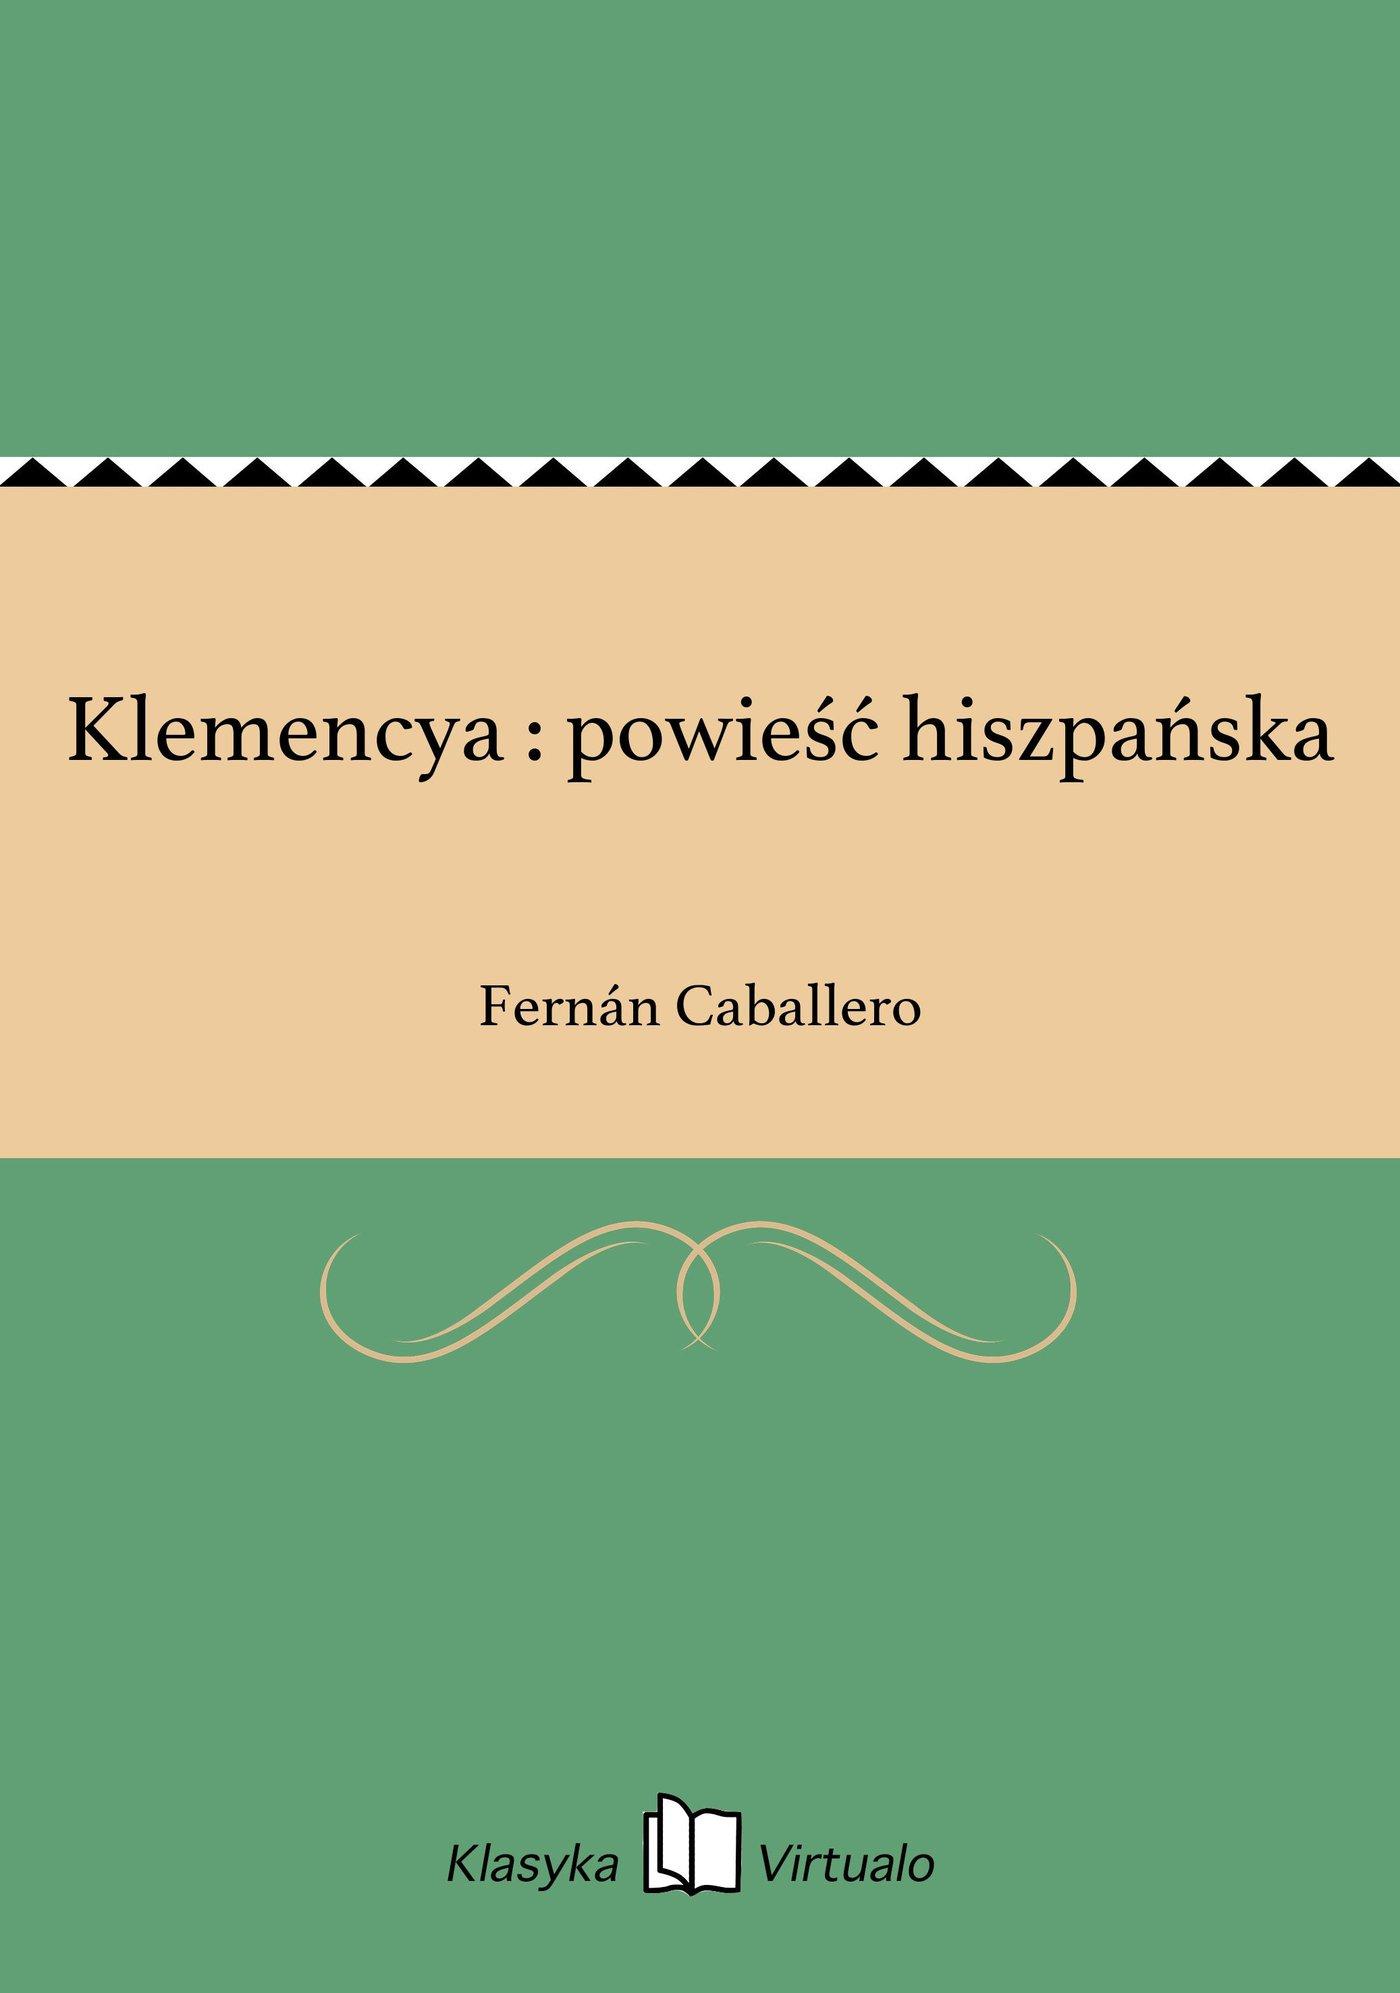 Klemencya : powieść hiszpańska - Ebook (Książka EPUB) do pobrania w formacie EPUB